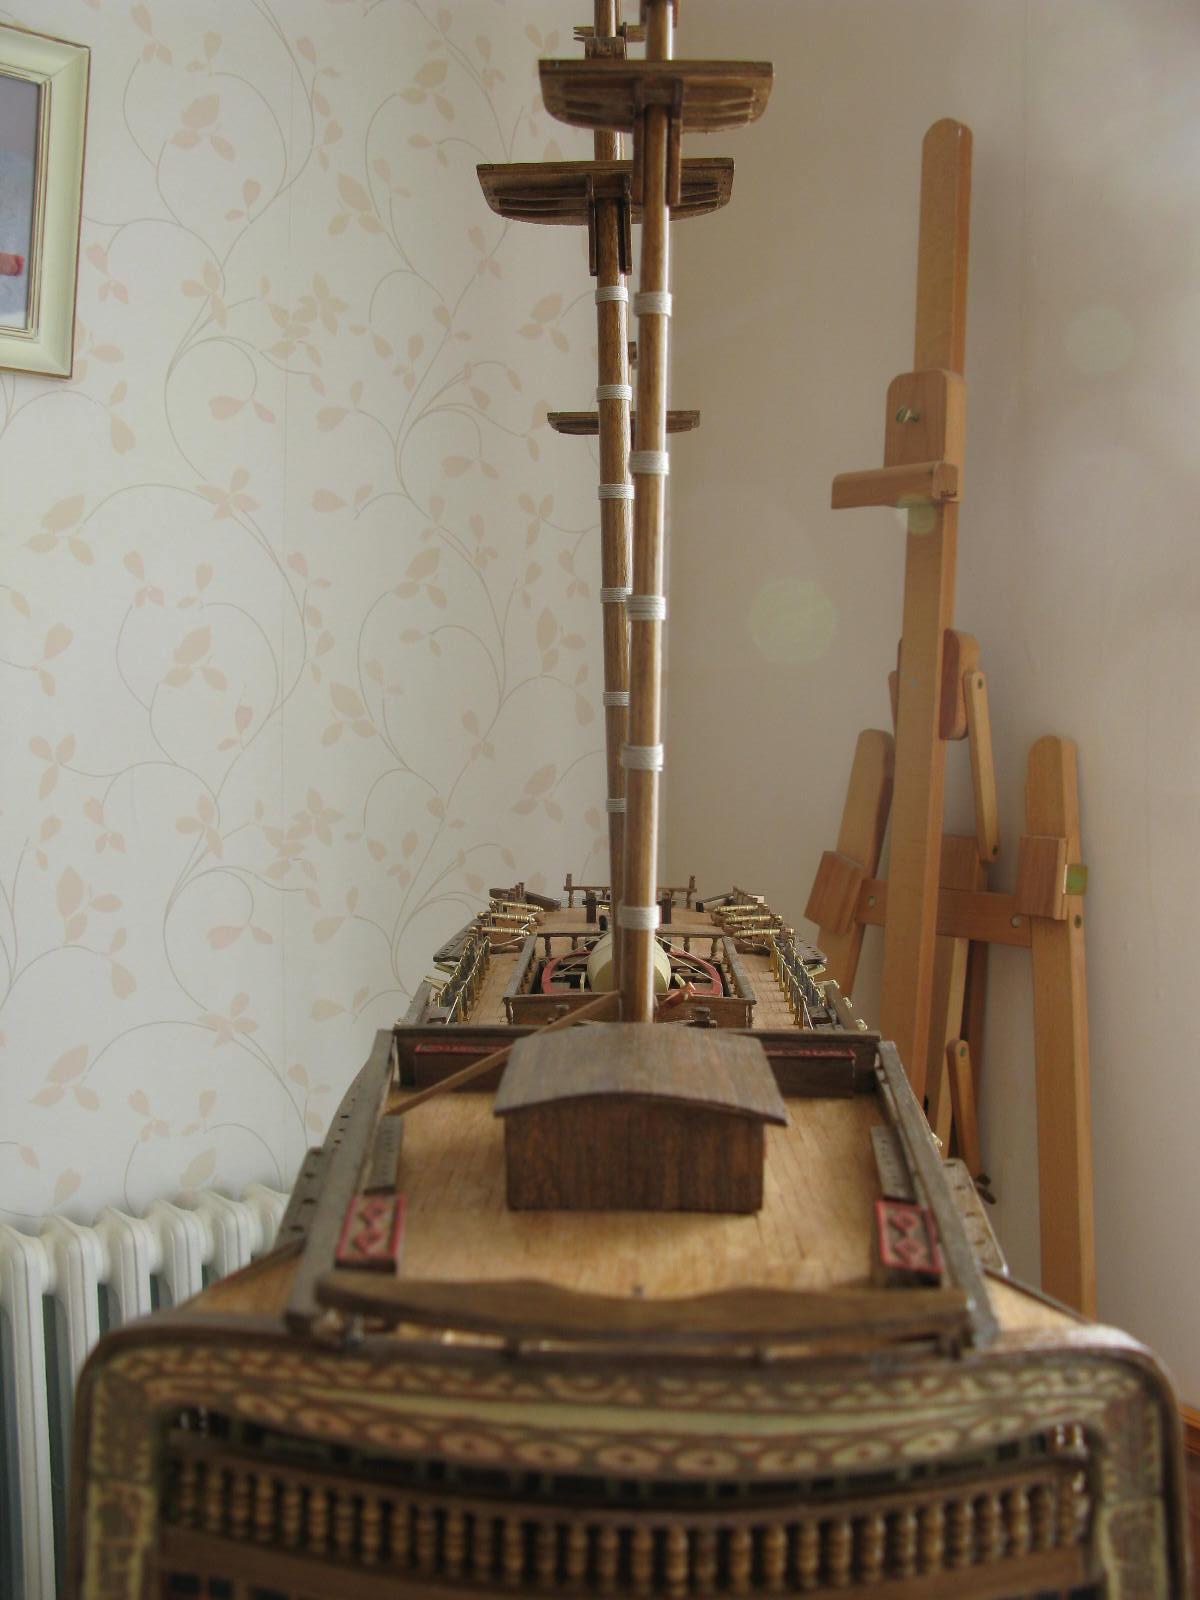 Le Superbe de Mantua au 1/75  - Page 3 15040508143918852513143682